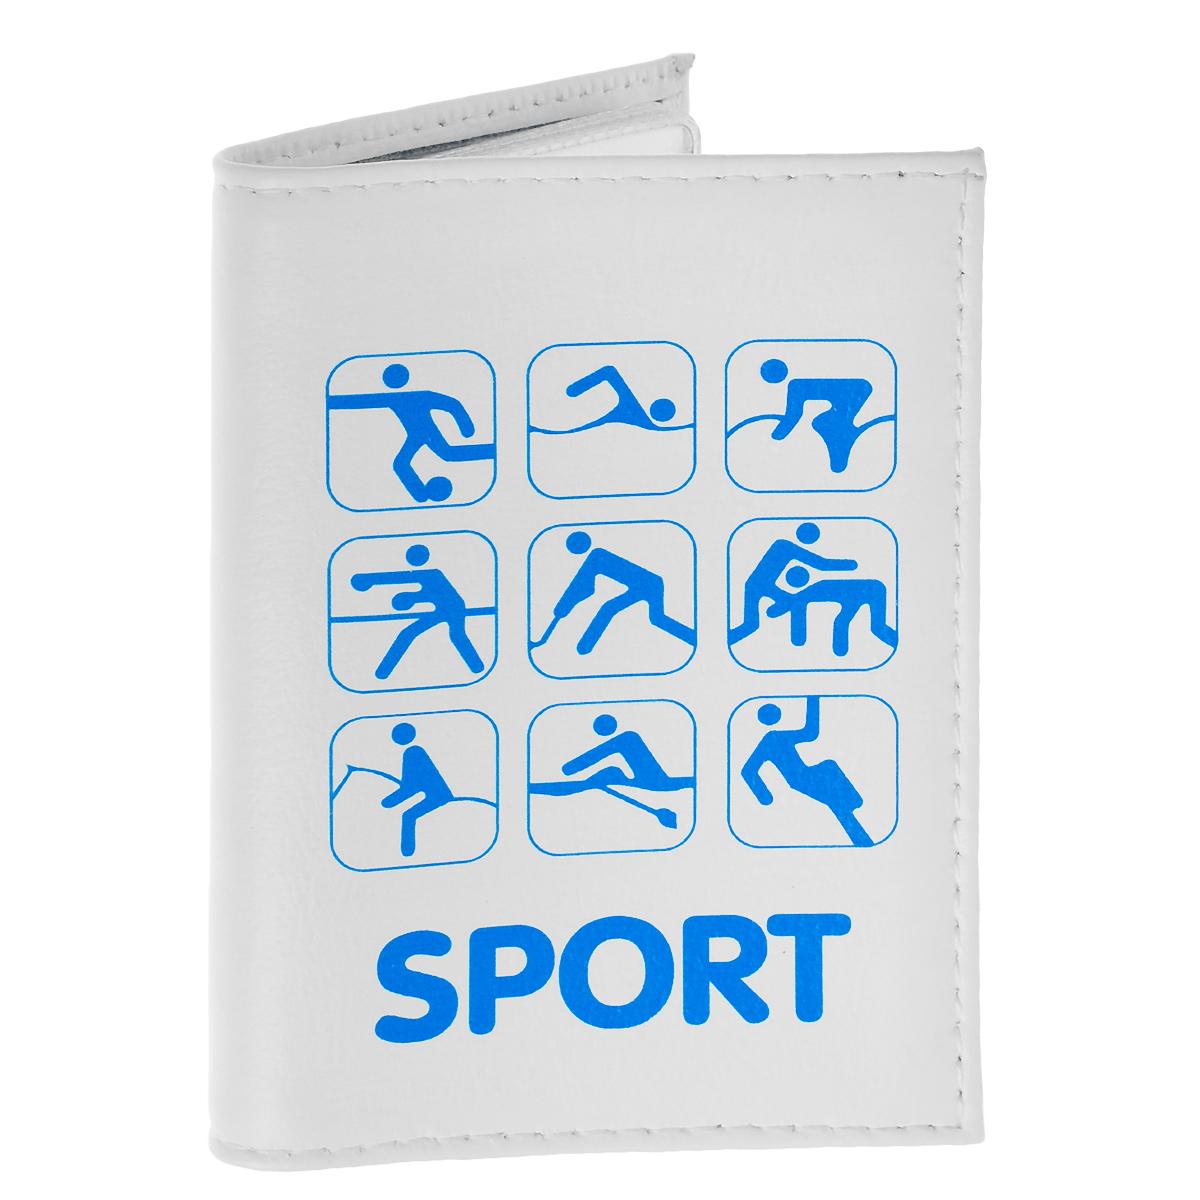 Обложка для автодокументов Sport. AUTO287AUTO287Обложка для автодокументов Mitya Veselkov Sport изготовлена из натуральной кожи белого цвета и оформлена изображениями значков, каждый из которых олицетворяет один из видов спорта. На внутреннем развороте имеются съемный блок из шести прозрачных файлов из мягкого пластика для водительских документов, один из которых формата А5, а также два боковых кармашка для визиток или банковских карт. Стильная обложка не только поможет сохранить внешний вид ваших документов и защитит их от грязи и пыли, но и станет аксессуаром, который подчеркнет вашу яркую индивидуальность.